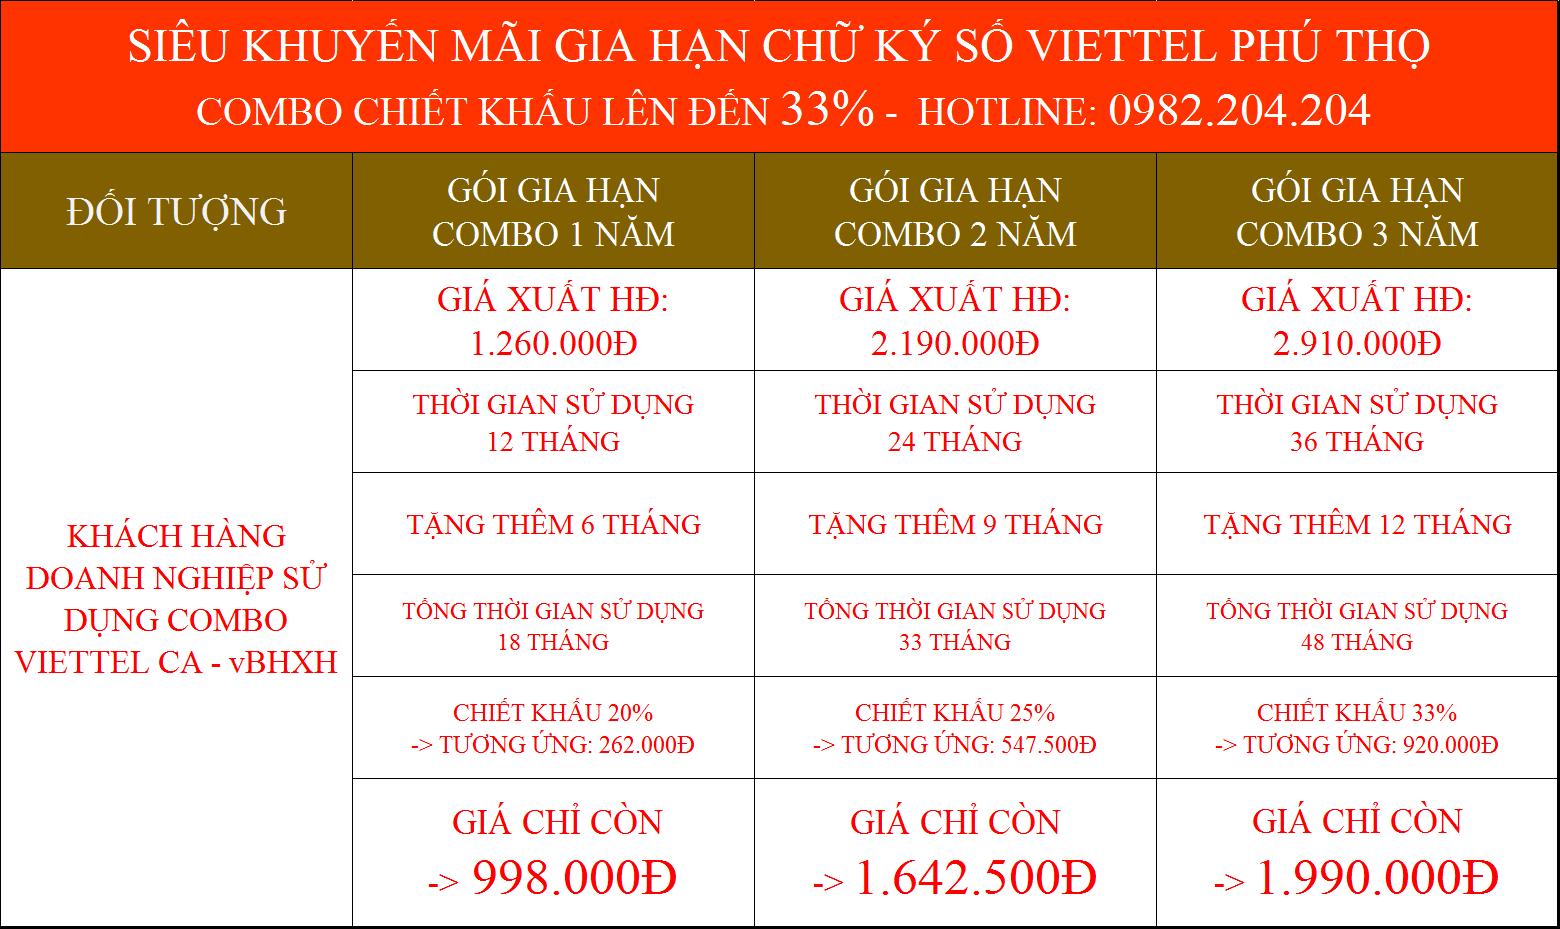 Gia hạn chữ ký số Viettel Phú Thọ combo kèm vBHXH